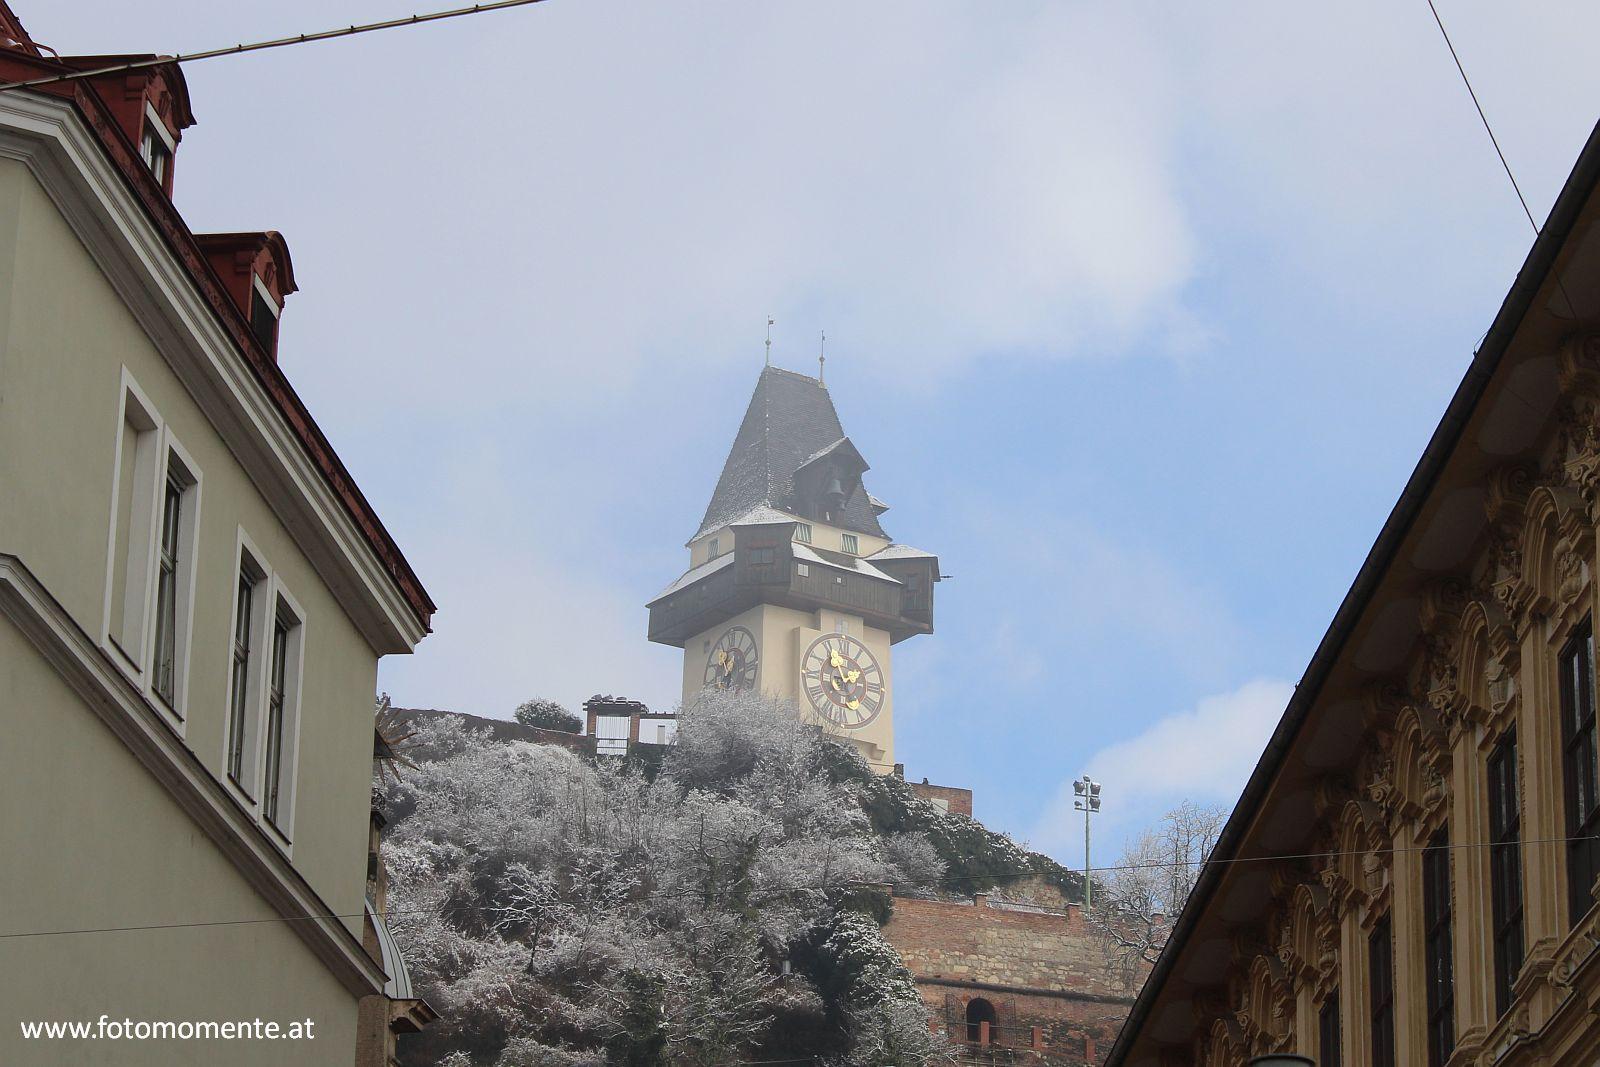 uhrturm graz winter - Uhrturm am Schloßberg in Graz